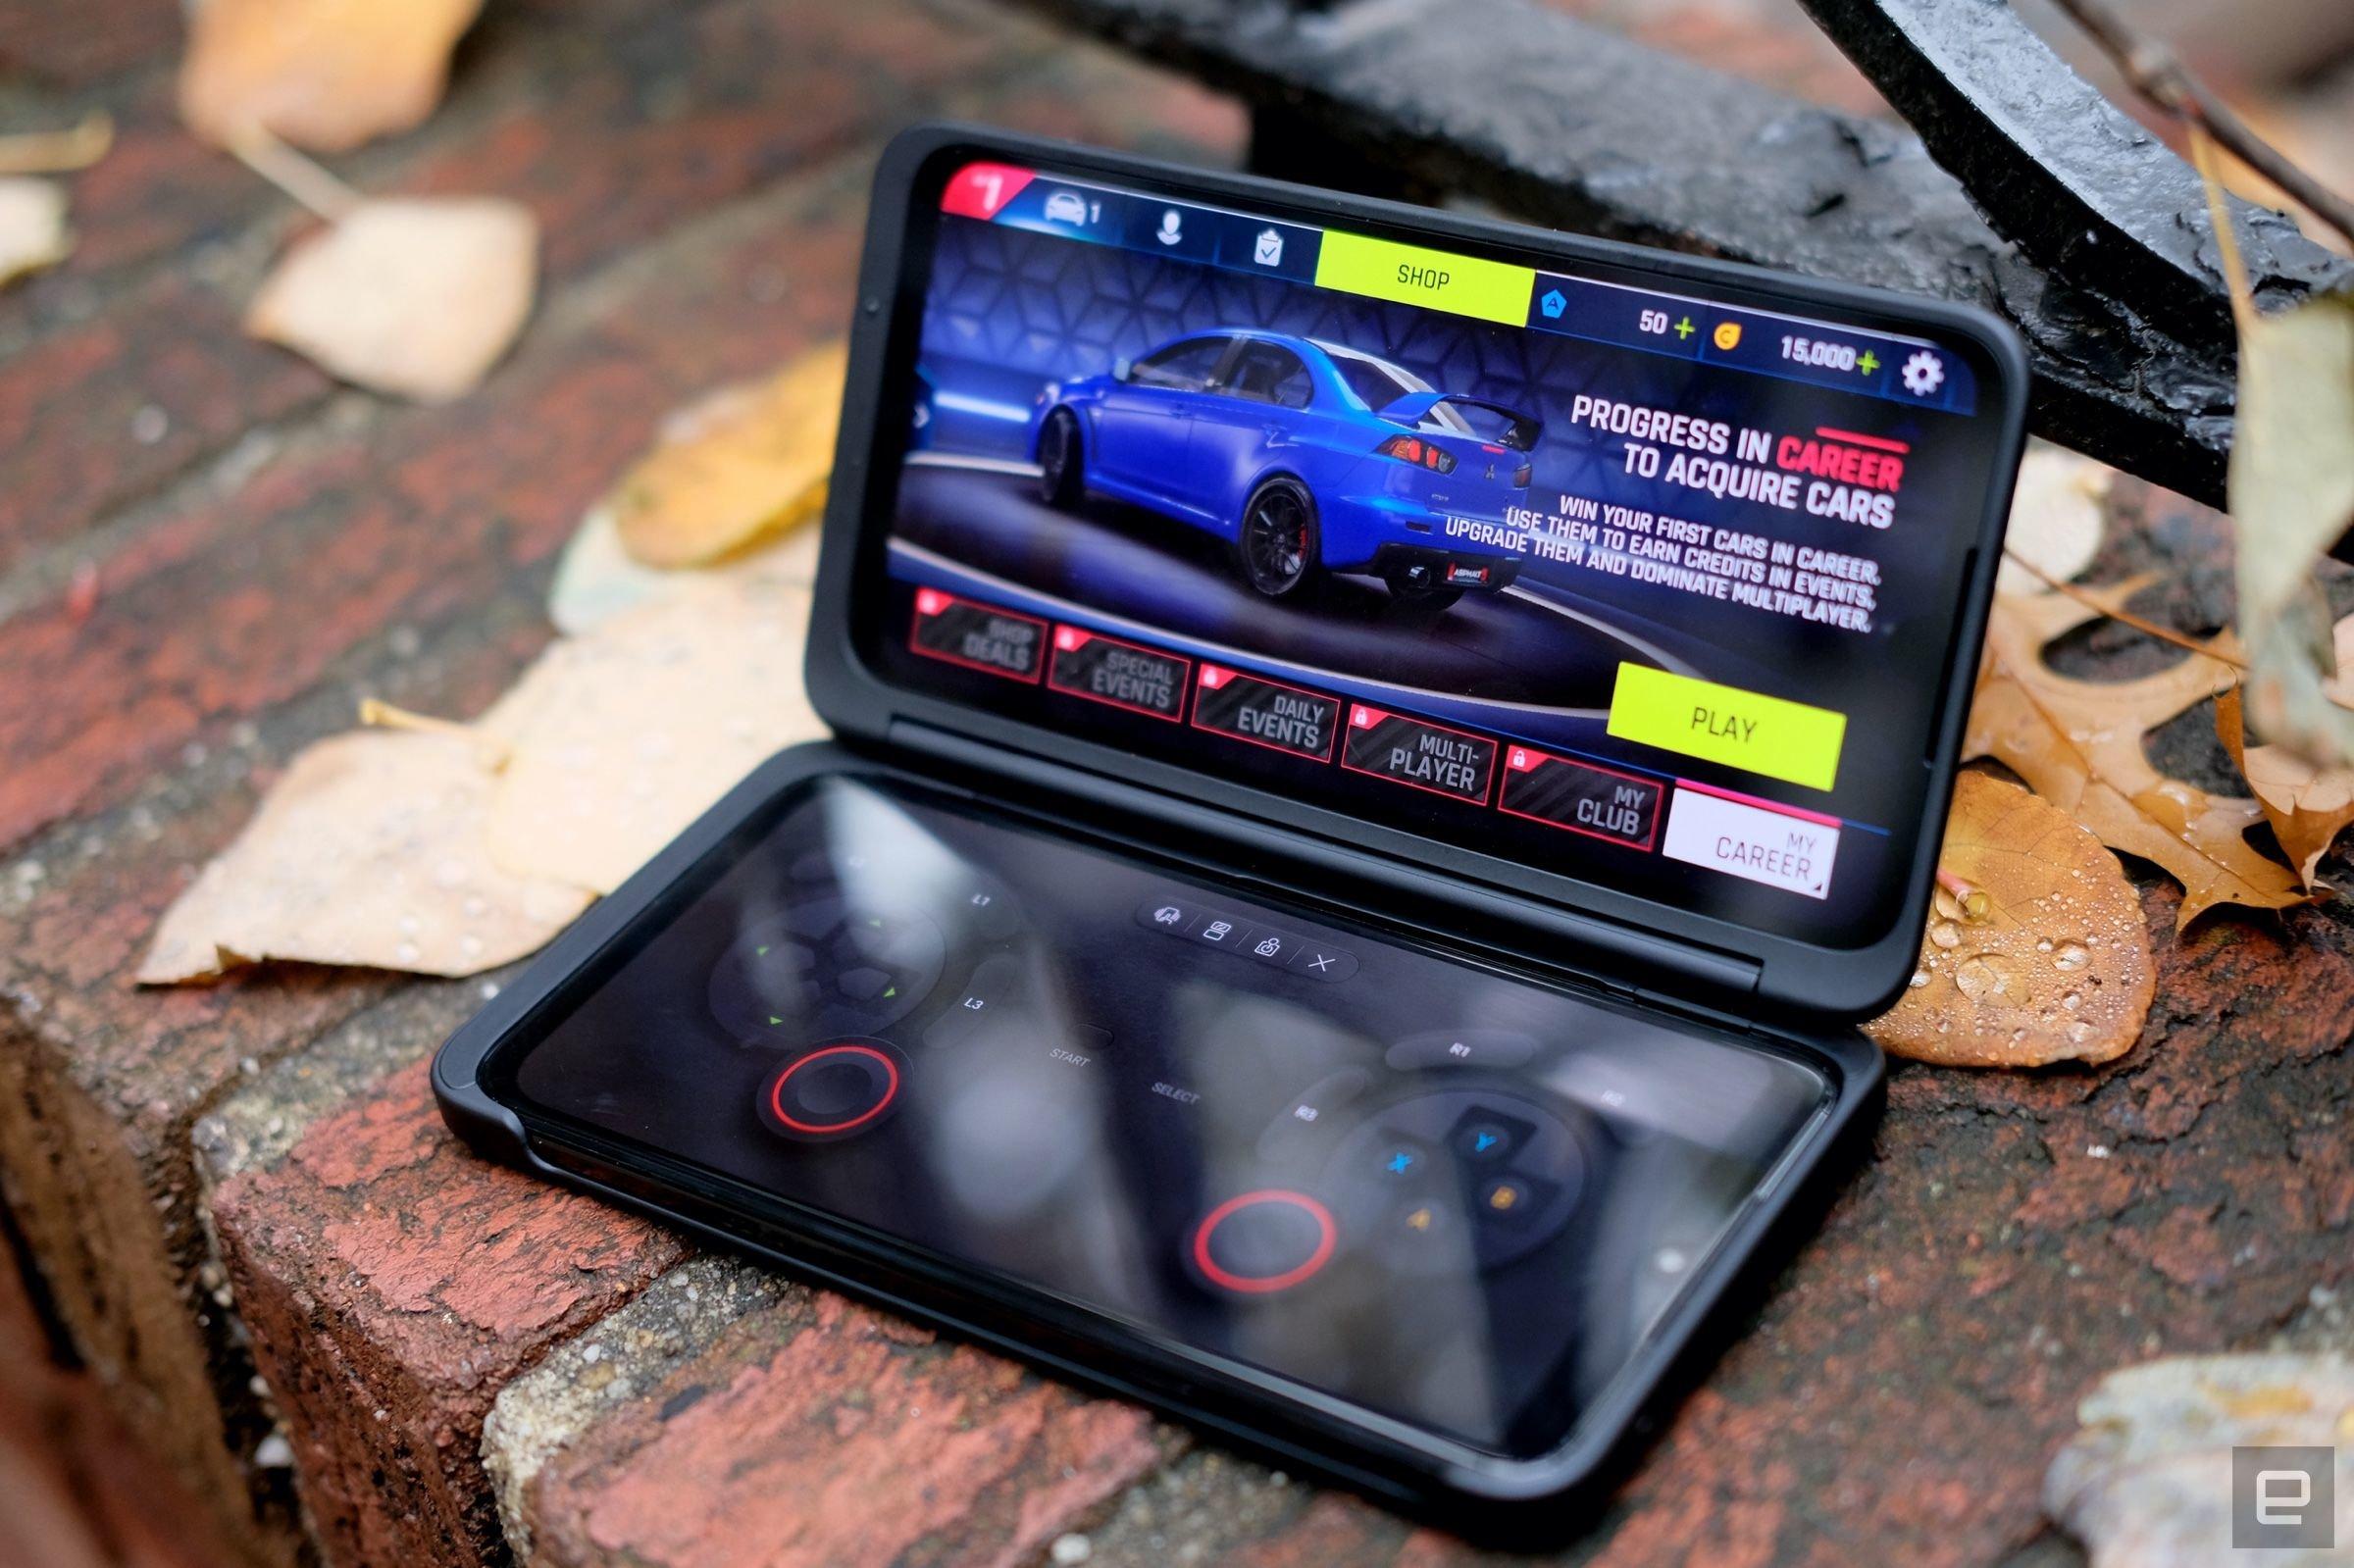 Hiệu năng của LG G8X được đánh giá vượt trội so với các sản phẩm cùng phân khúc